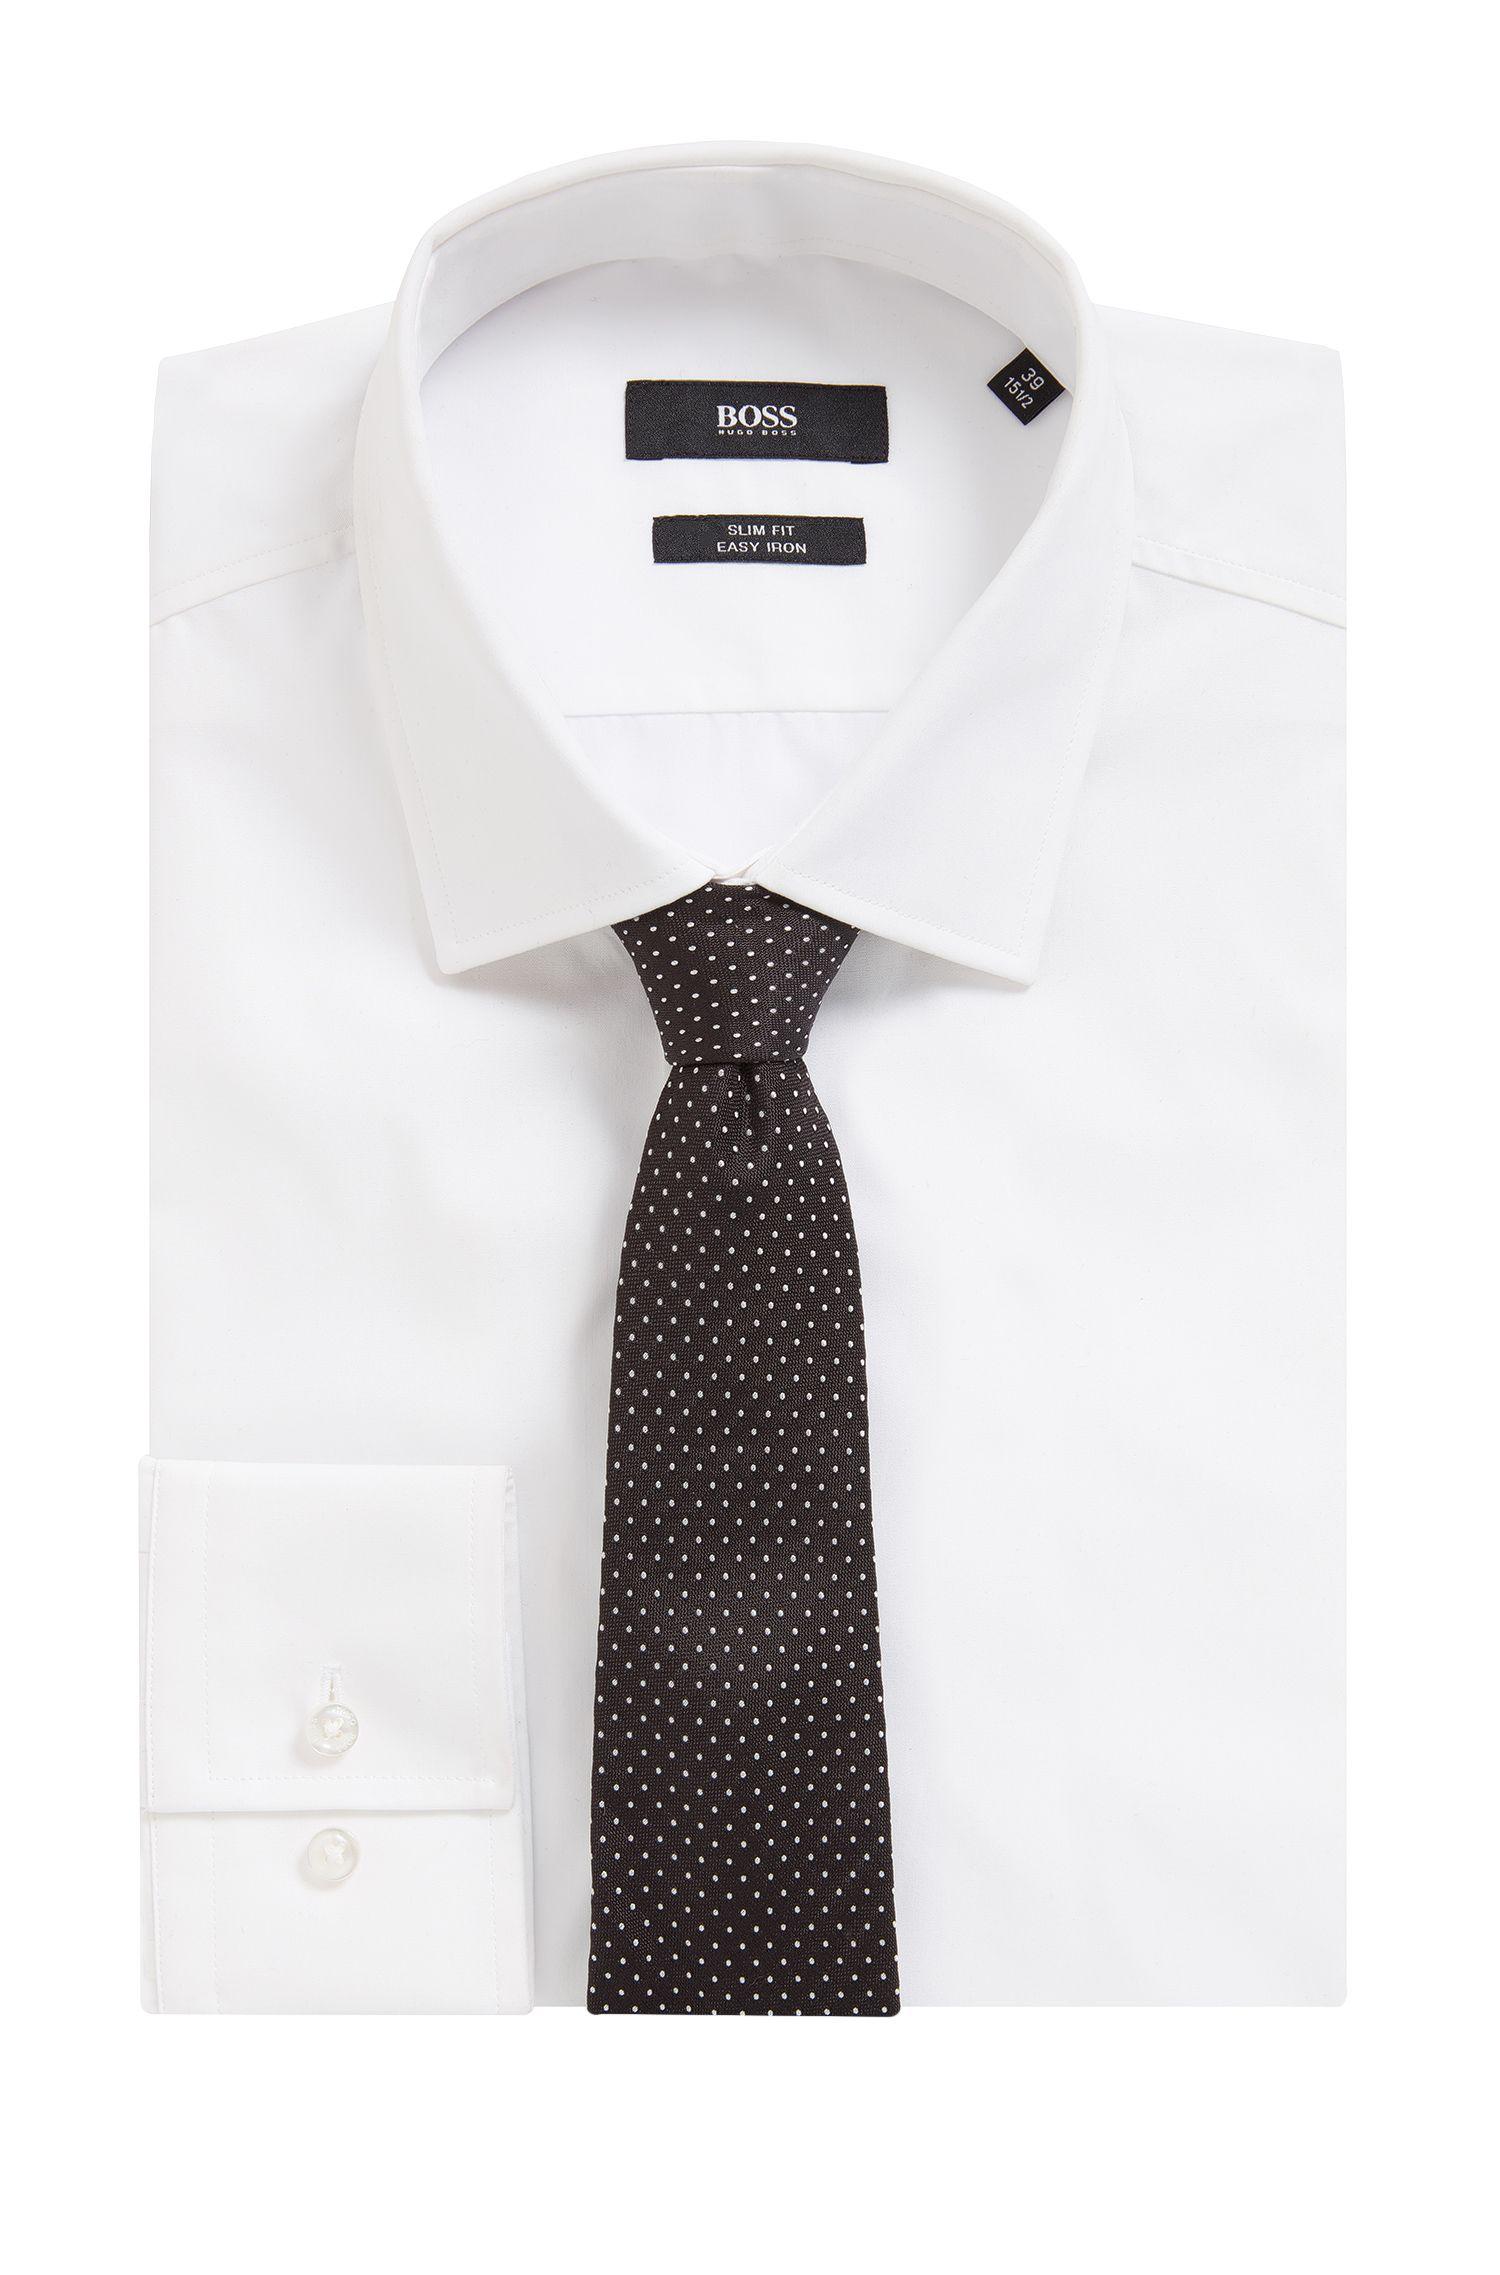 Cravate en jacquard de soie italien à pois